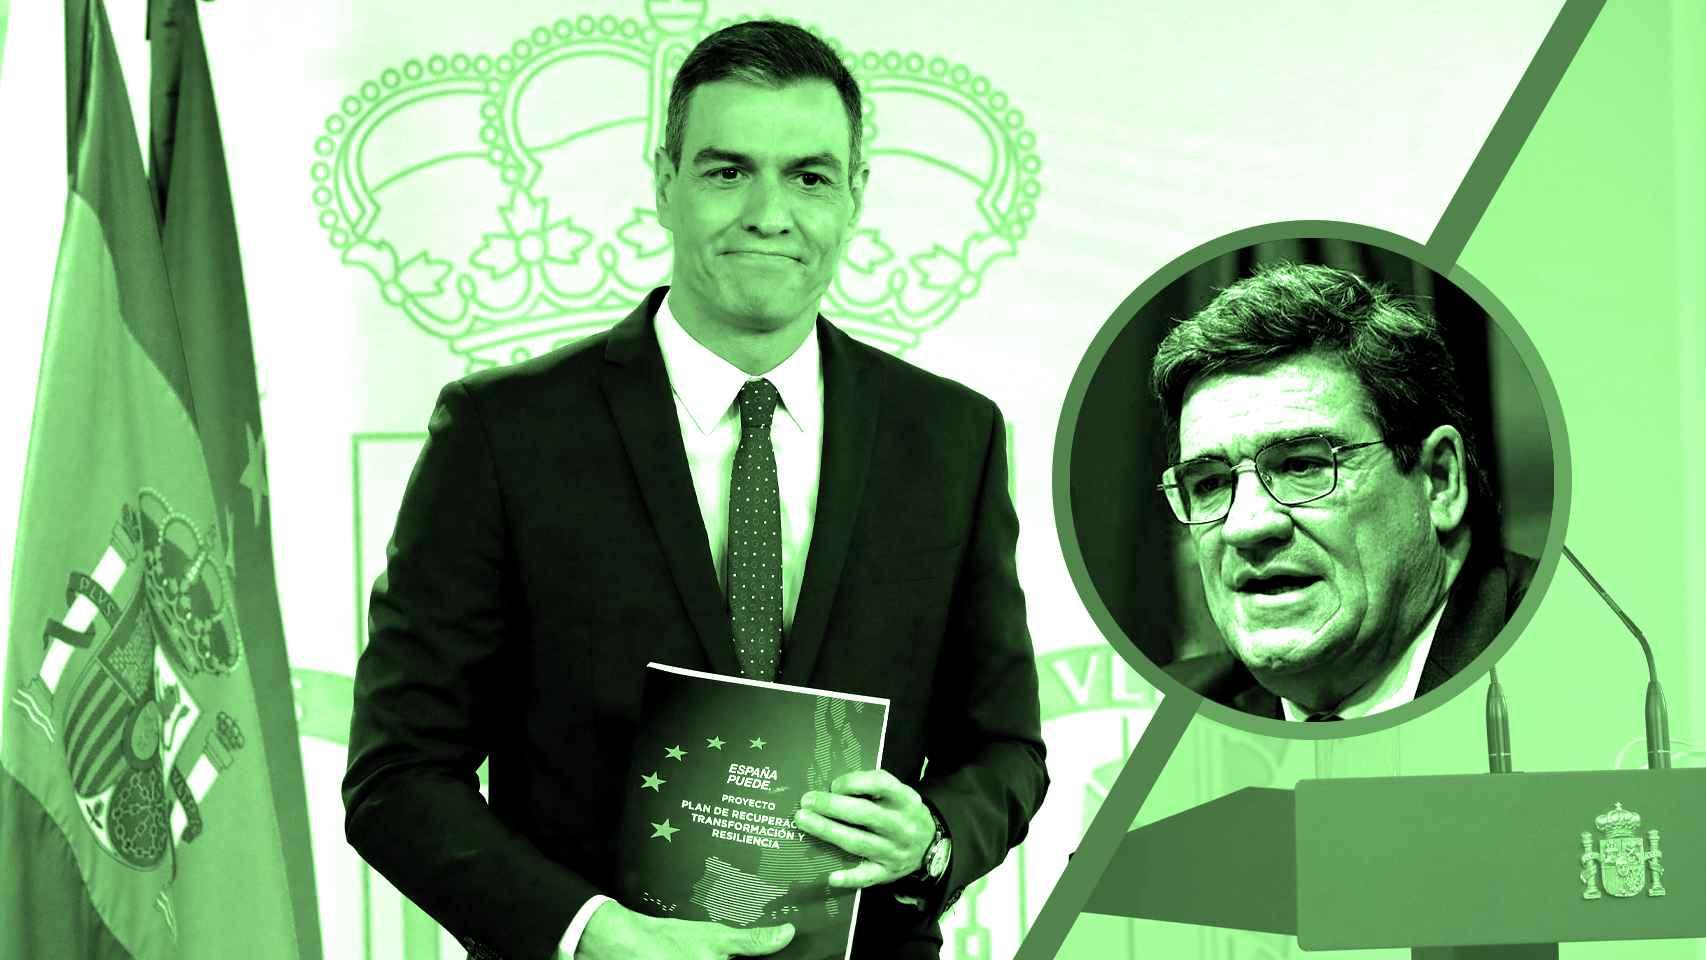 El presidente del Gobierno, Pedro Sánchez, y el ministro de Seguridad Social, José Luis Escrivá.